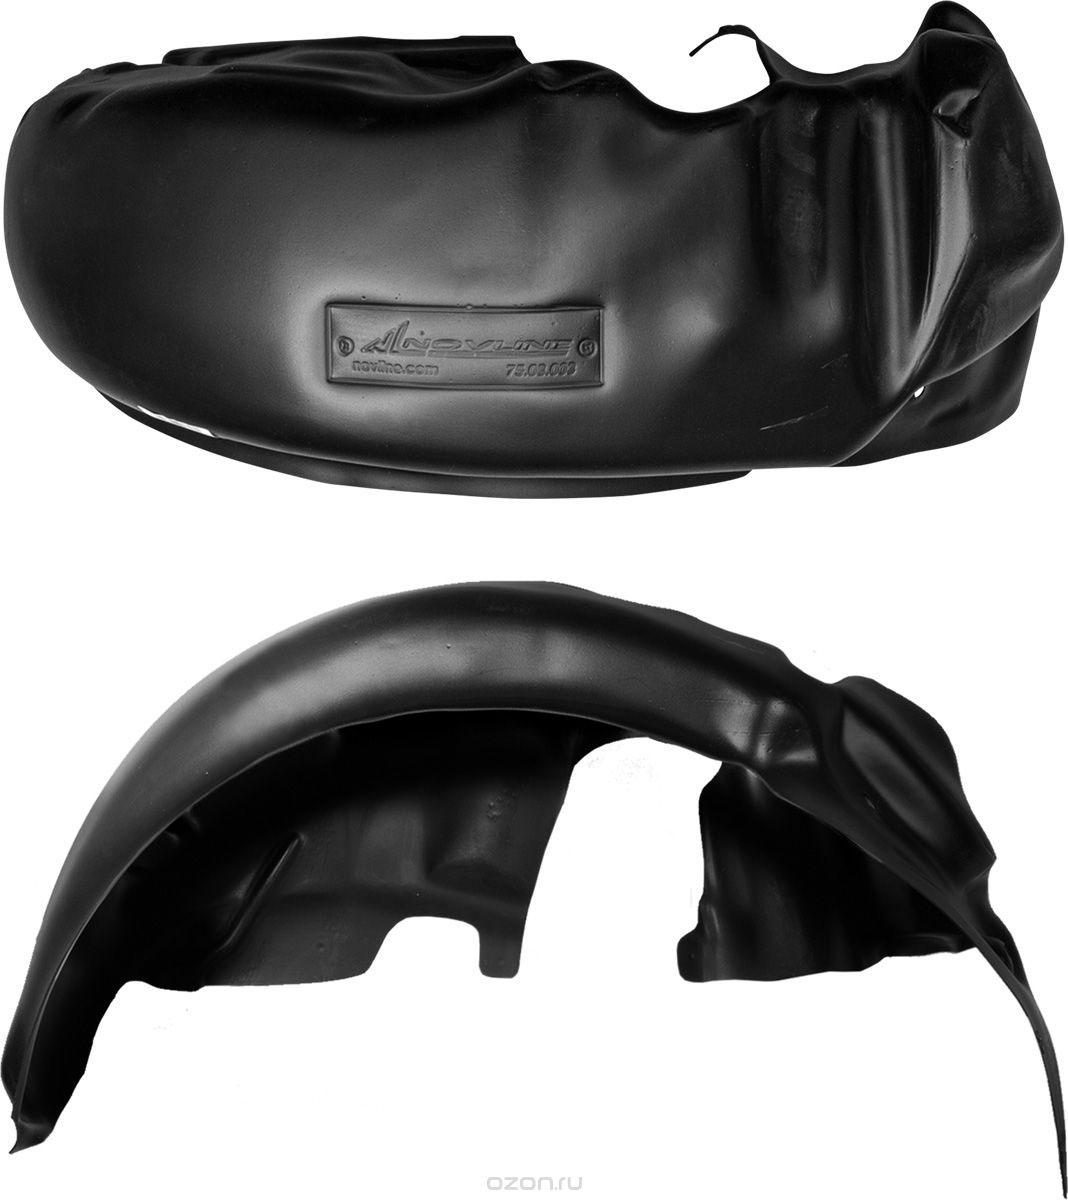 Подкрылок Novline-Autofamily, для CHEVROLET Aveo 5D/3D 2008->, хб., задний правый, NLL.08.13.004IRK-503Идеальная защита колесной ниши. Локеры разработаны с применением цифровых технологий, гарантируют максимальную повторяемость поверхности арки. Изделия устанавливаются без нарушения лакокрасочного покрытия автомобиля, каждый подкрылок комплектуется крепежом. Уважаемые клиенты, обращаем ваше внимание, что фотографии на подкрылки универсальные и не отражают реальную форму изделия. При этом само изделие идет точно под размер указанного автомобиля.